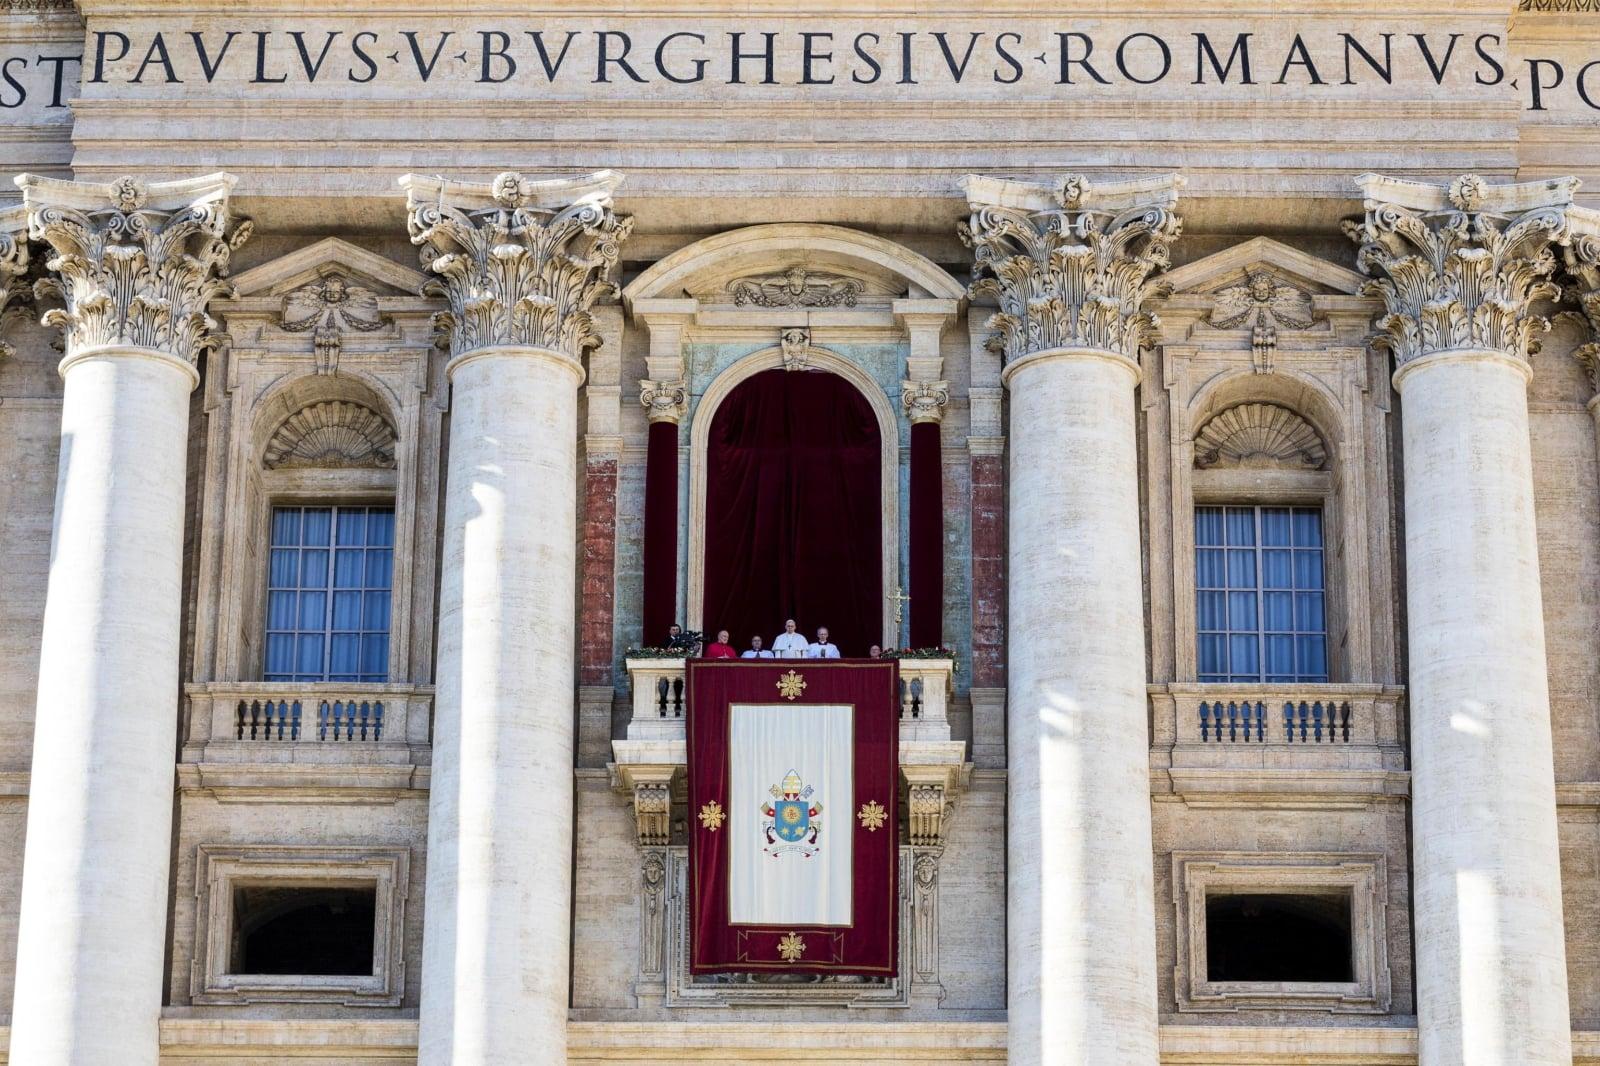 Papież w trakcie uroczystego Urbi et orbi Fot. EPA/ANGELO CARCONI